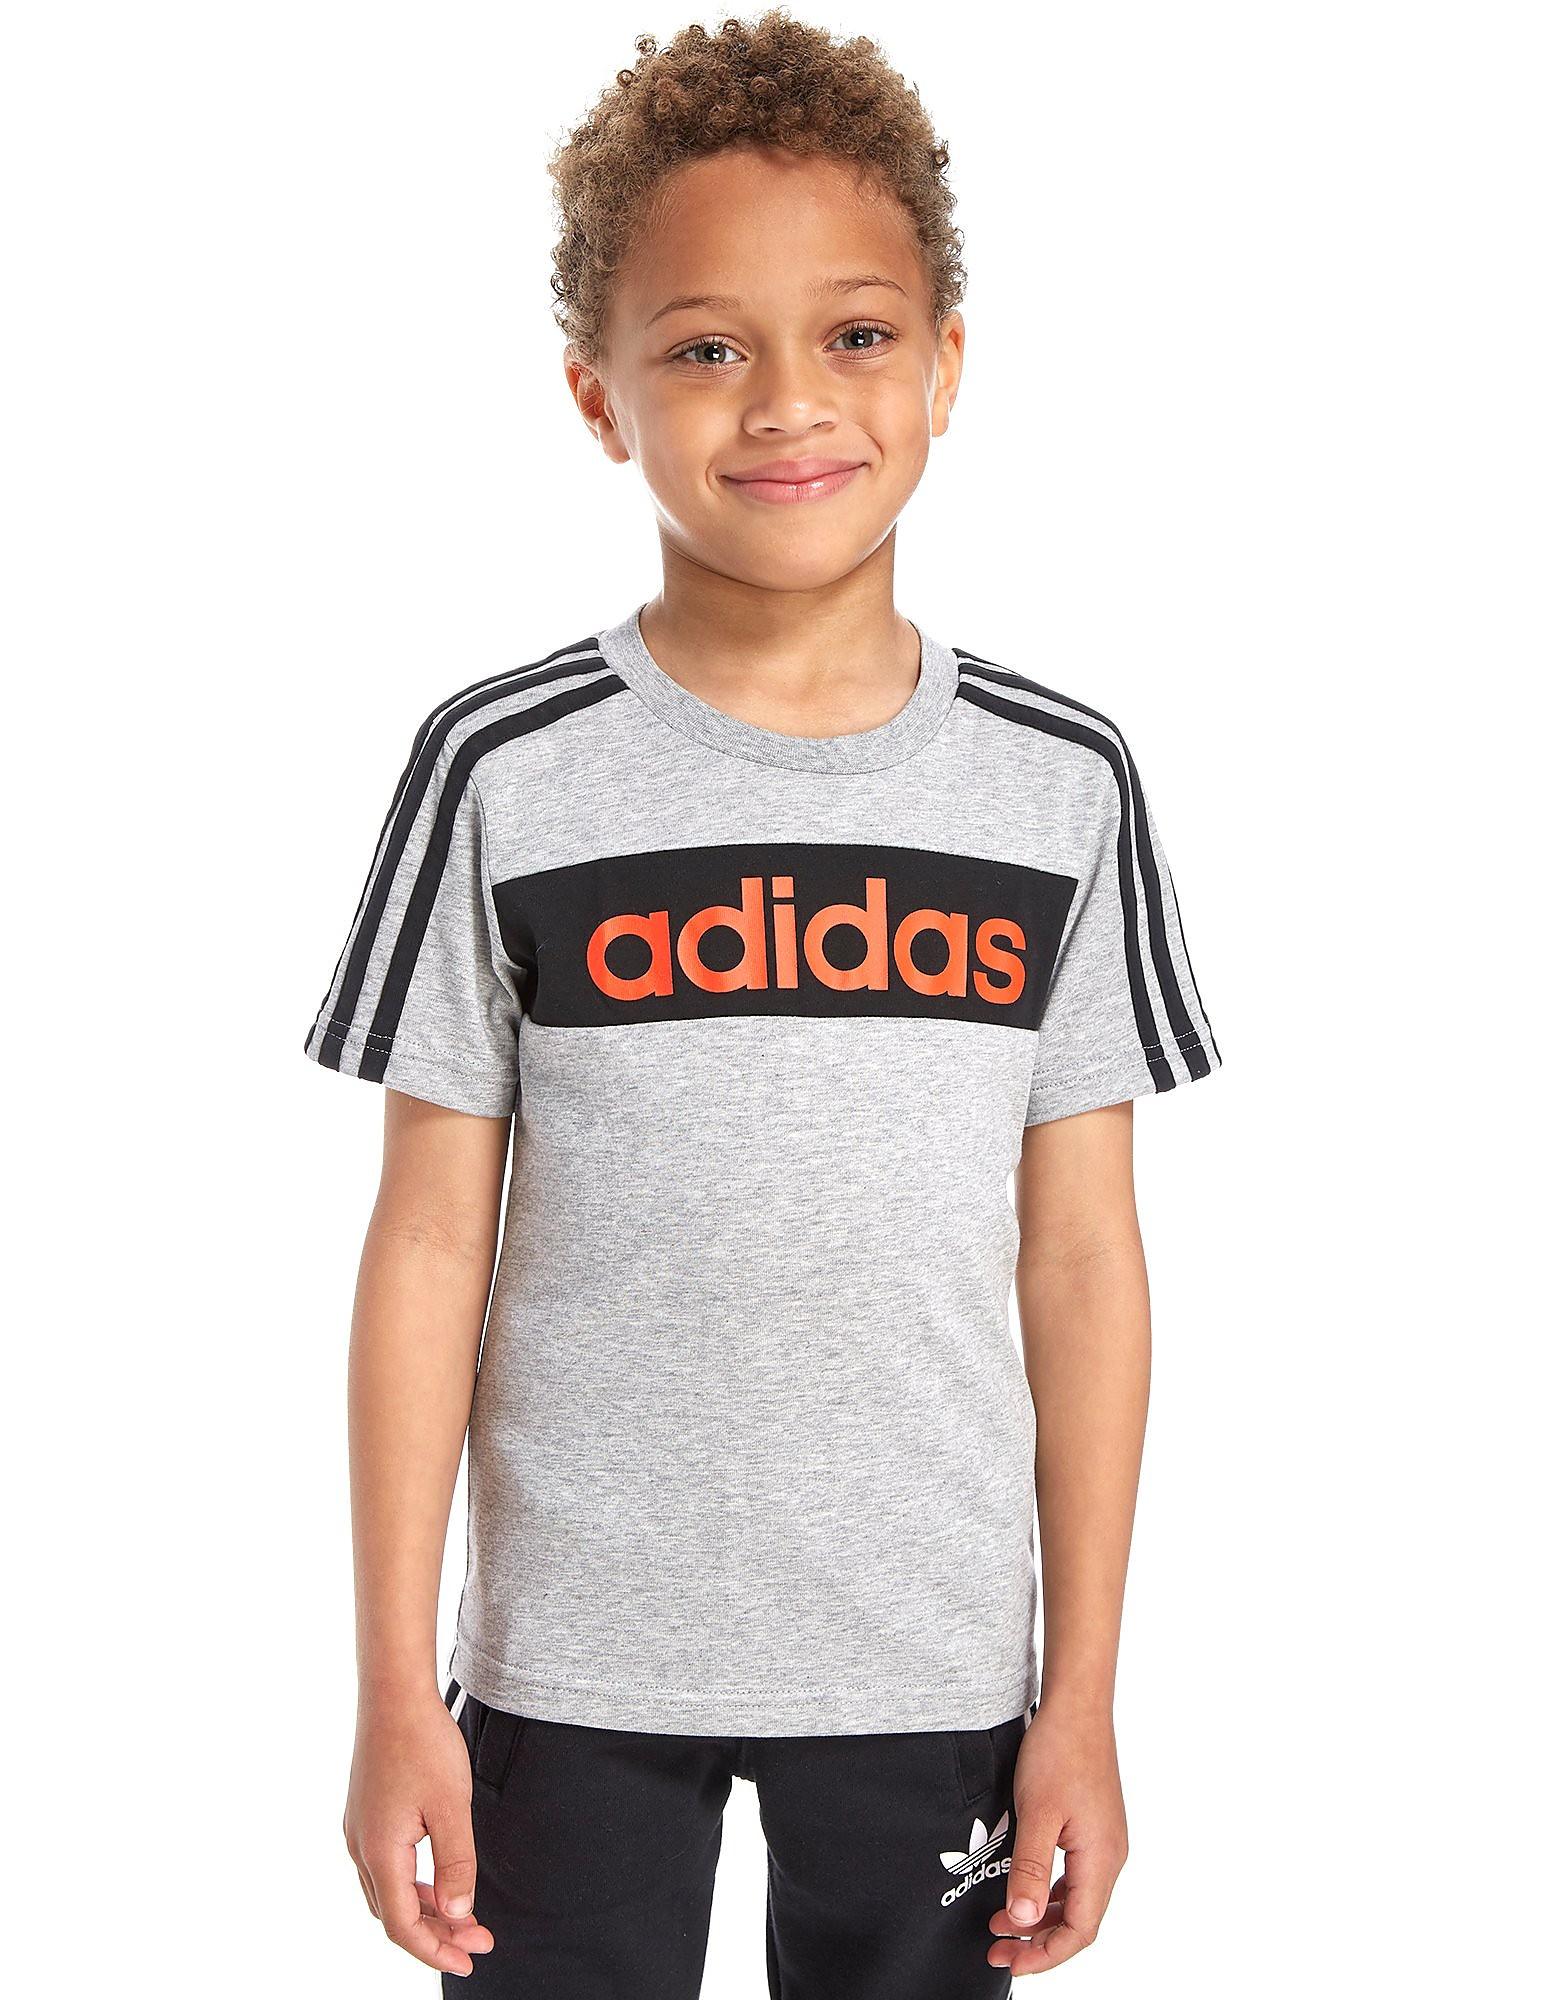 adidas Linear T-Shirt Children